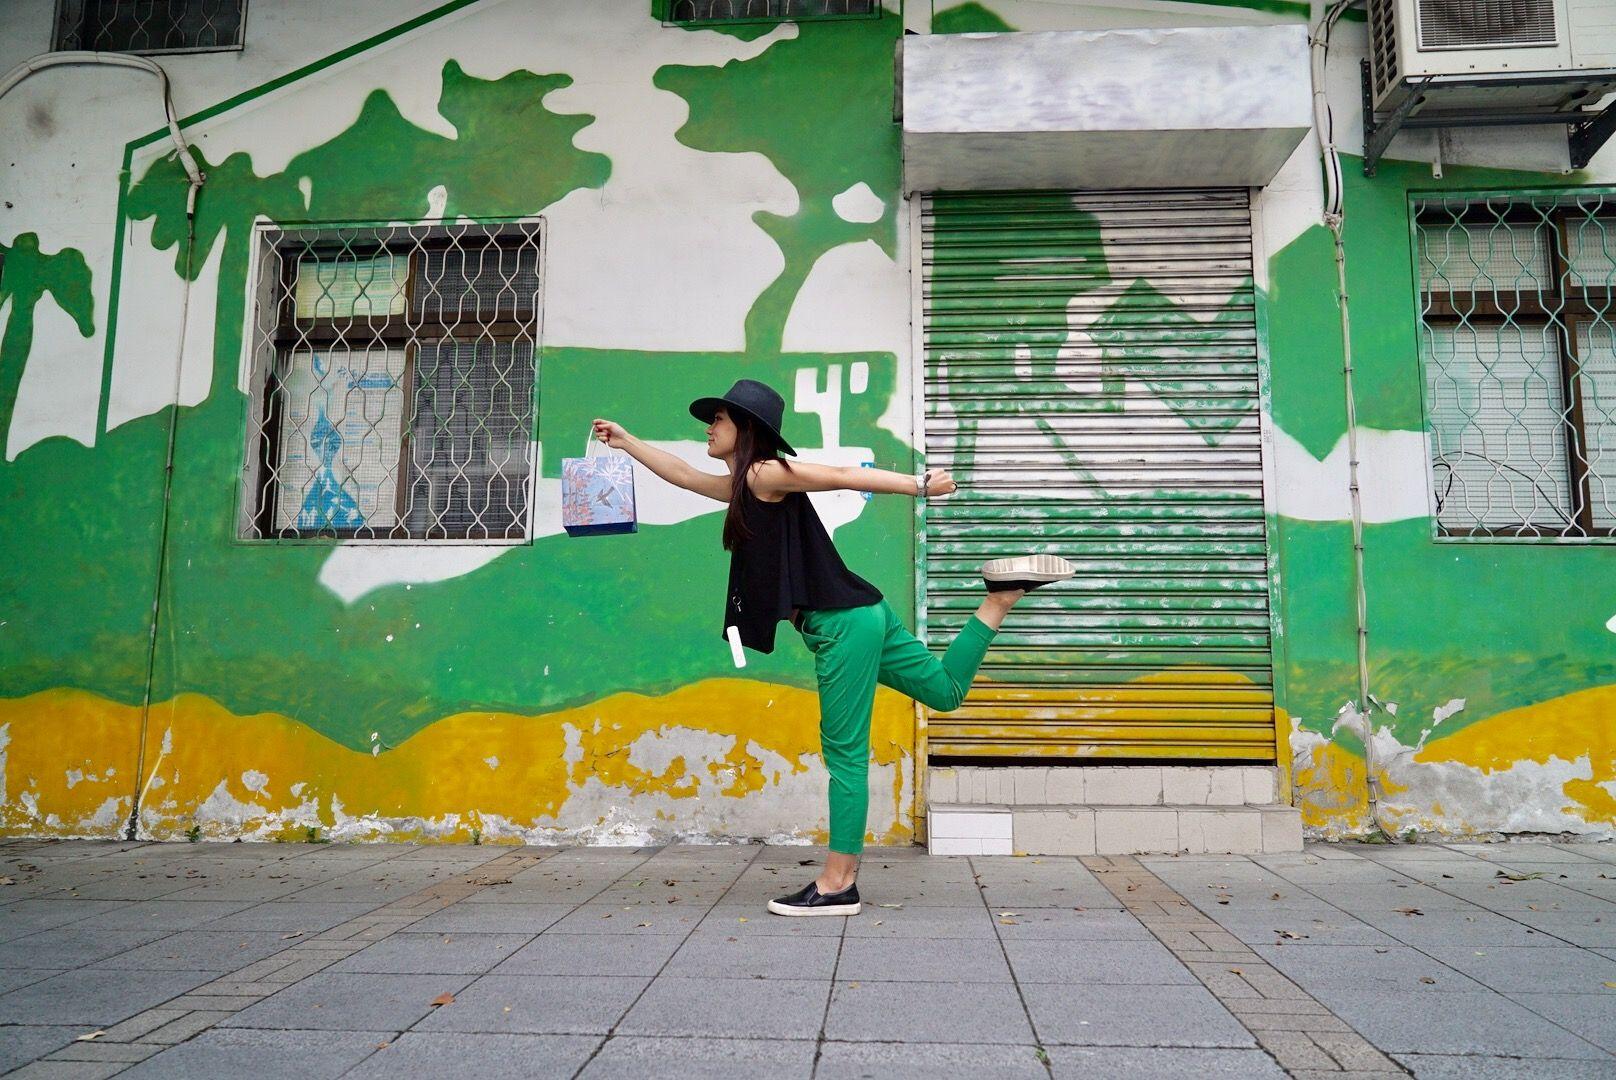 【まとめ】フォトジェニックな台中旅  日本人に人気の観光地、台湾。でも台北ばかりではないですか?実は台中が素敵なんですよ。